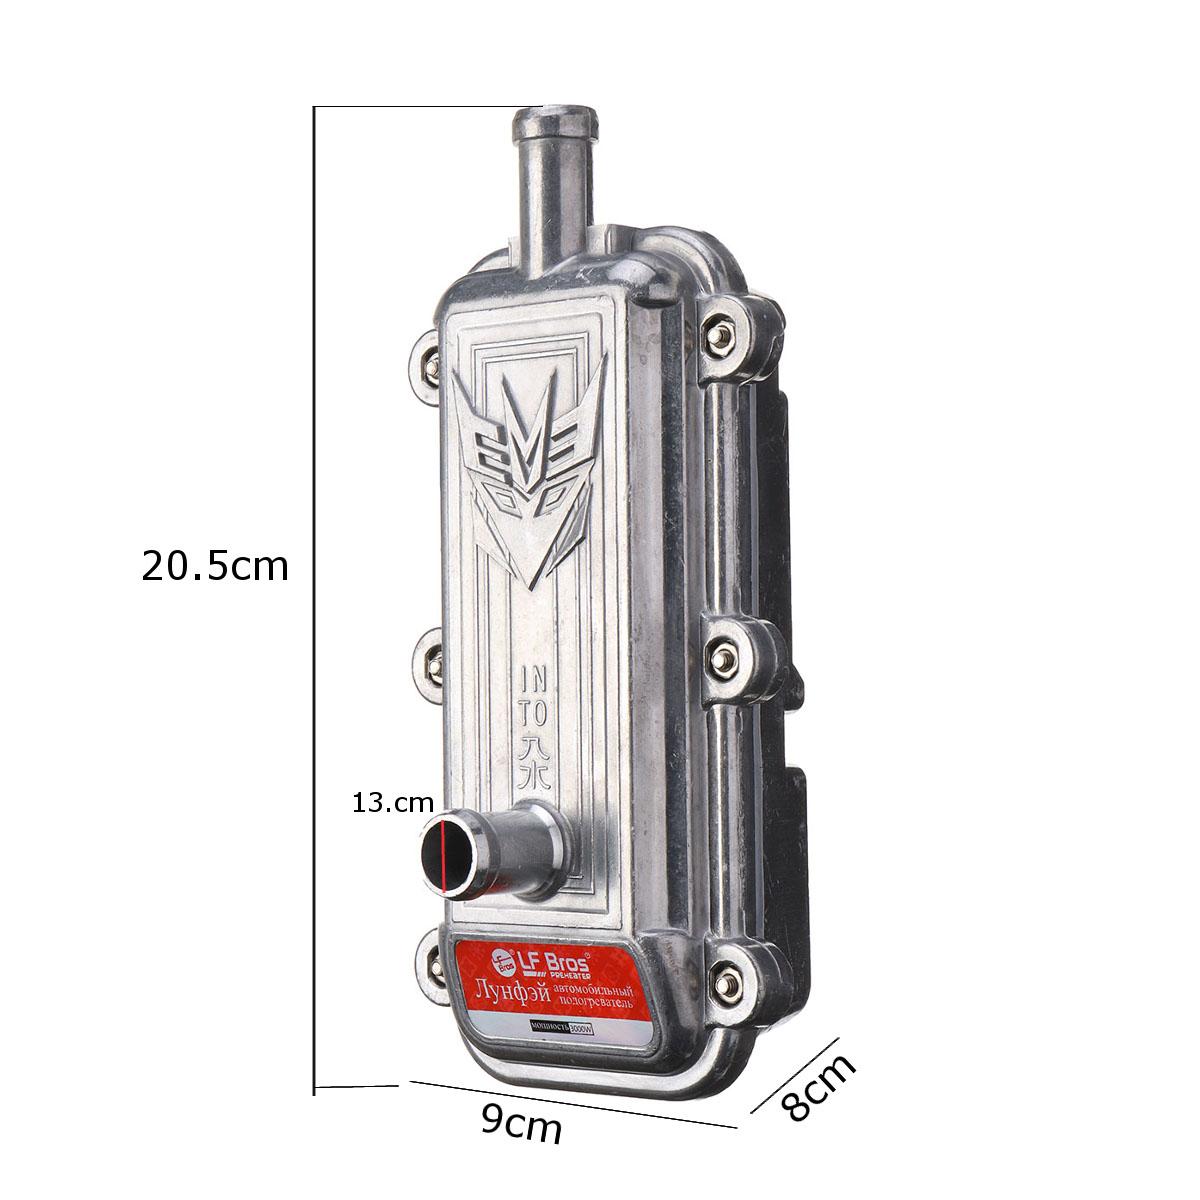 W Warm Air 90 Degree Tube European Standard Plug Car